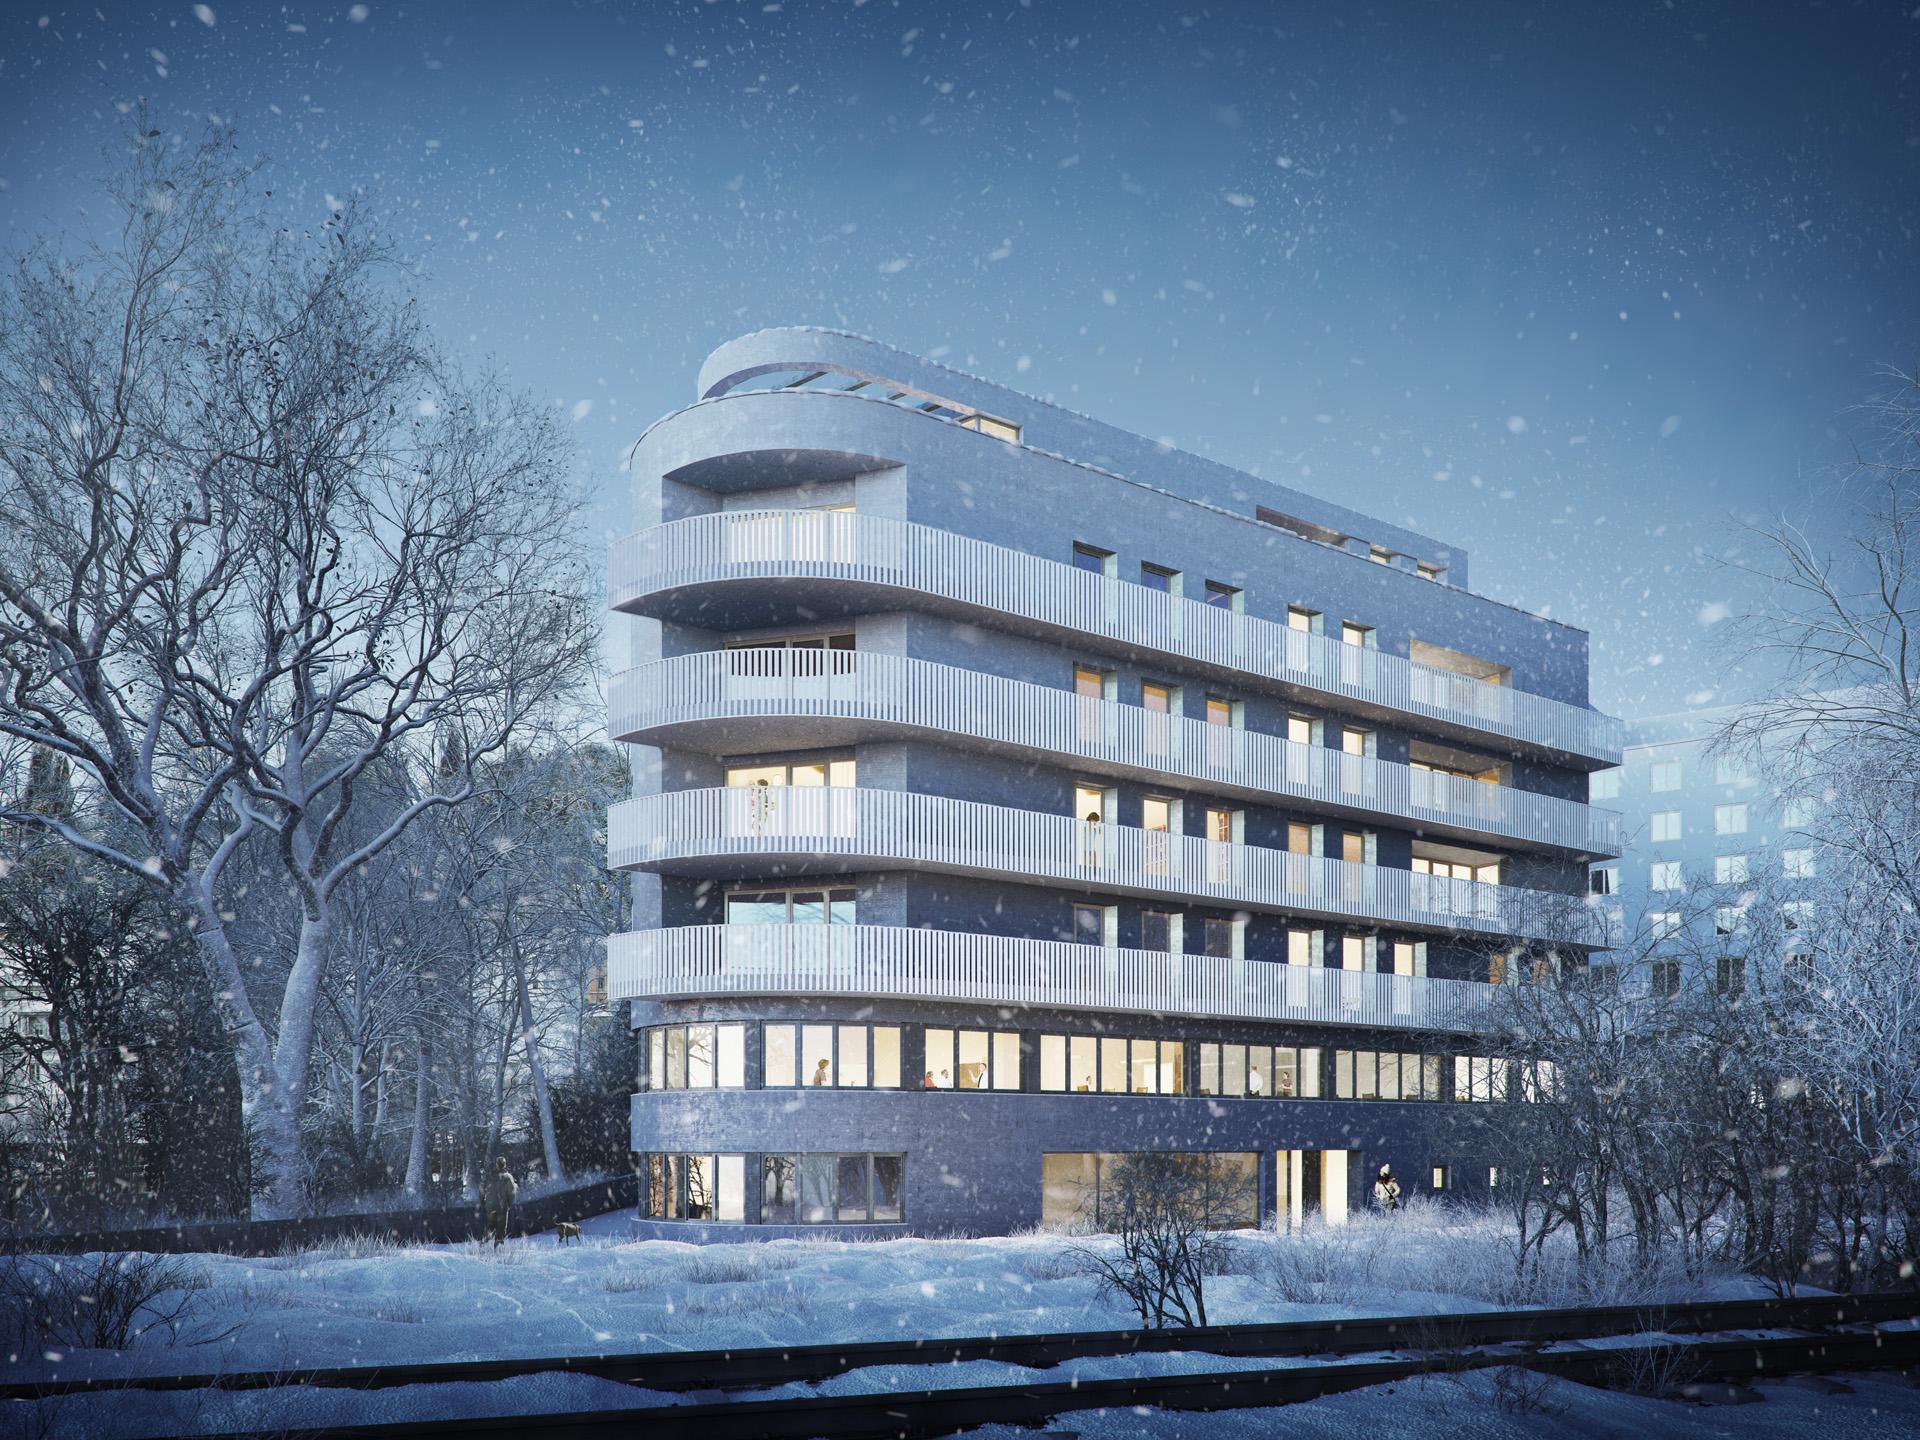 Weisser_Turm_Exterior_Winter_by_xoio